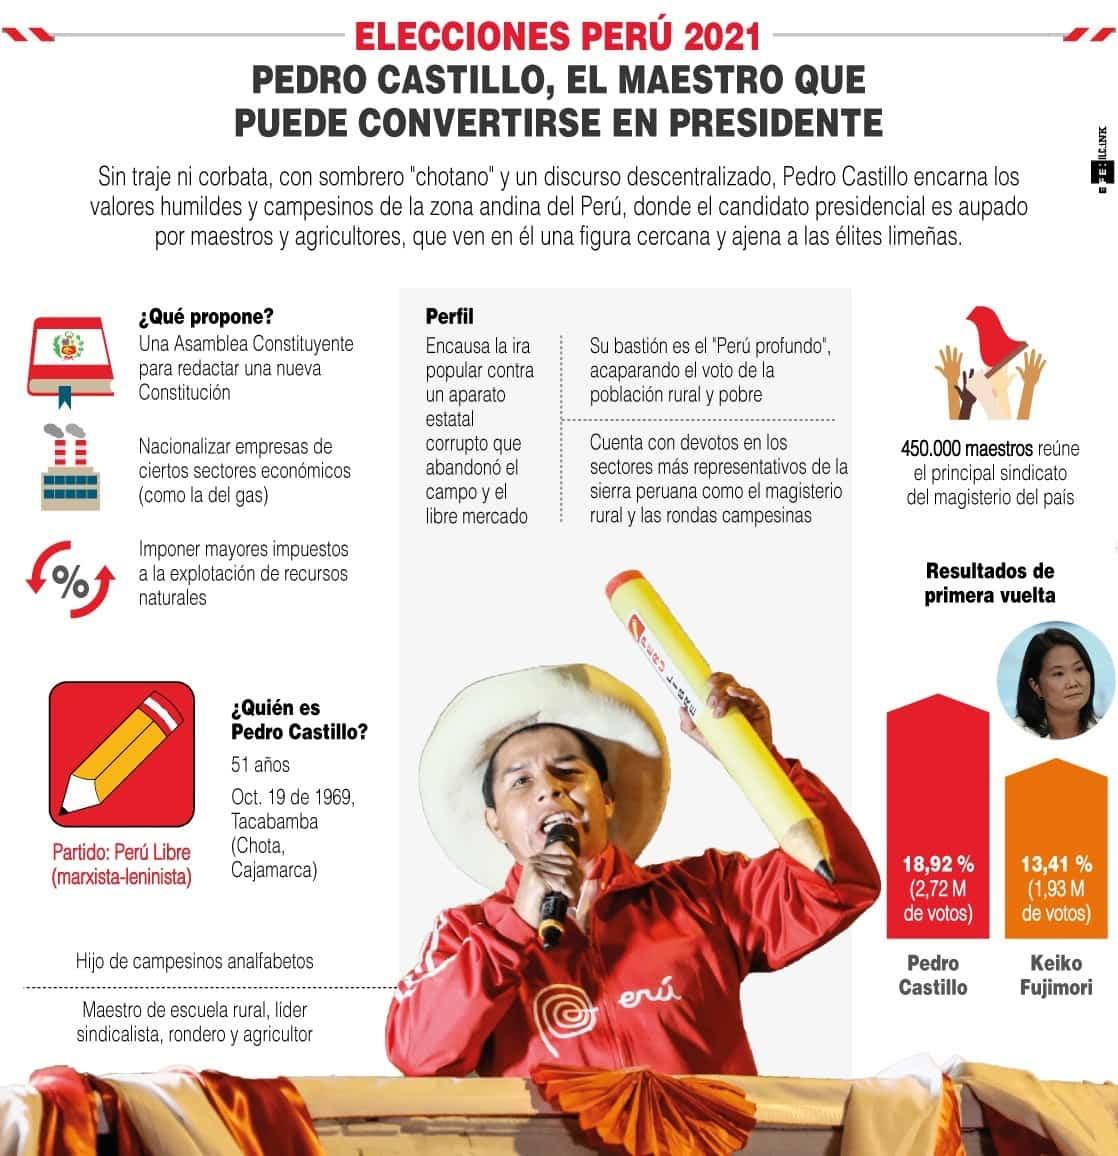 [Infografía] - Elecciones Perú 2021 - Pedro Castillo, el maestro y sindicalista que puede ser el nuevo presidente 1